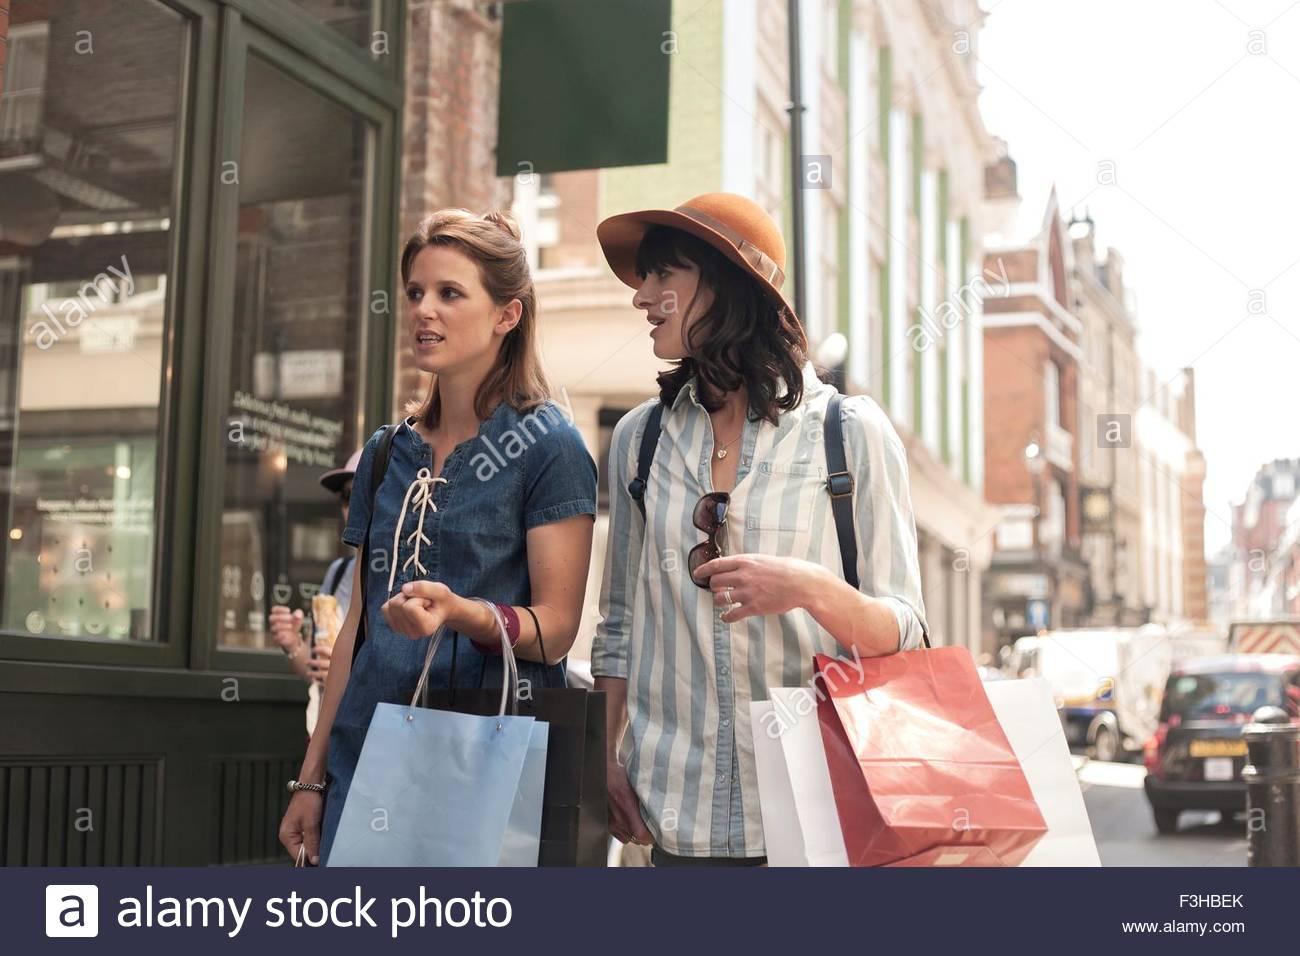 Dos mujeres que llevaban bolsas de compras mirando escaparates Imagen De Stock